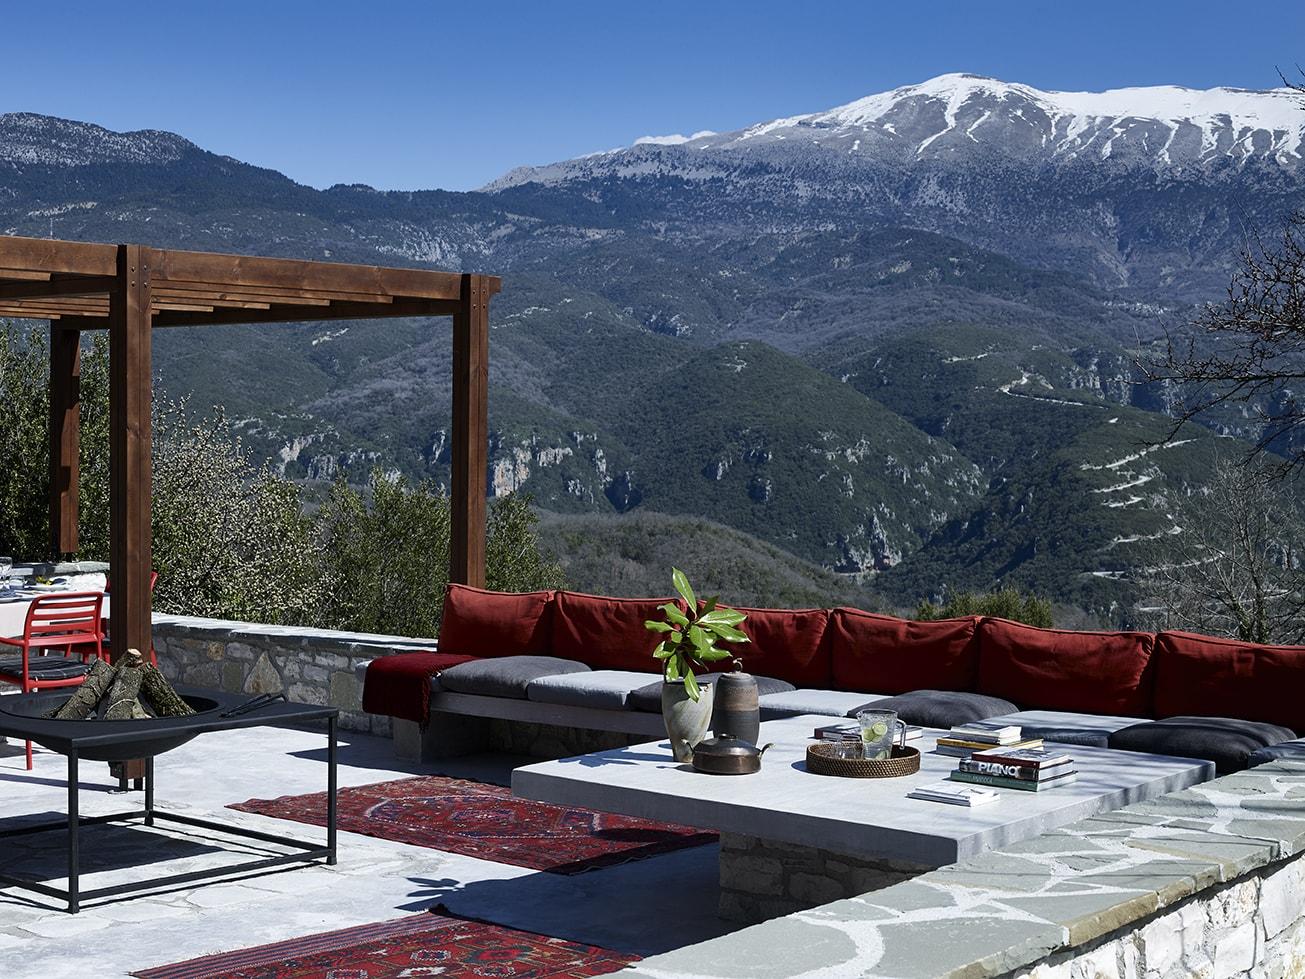 aristi mountain resort: priestess of perfection – epitome